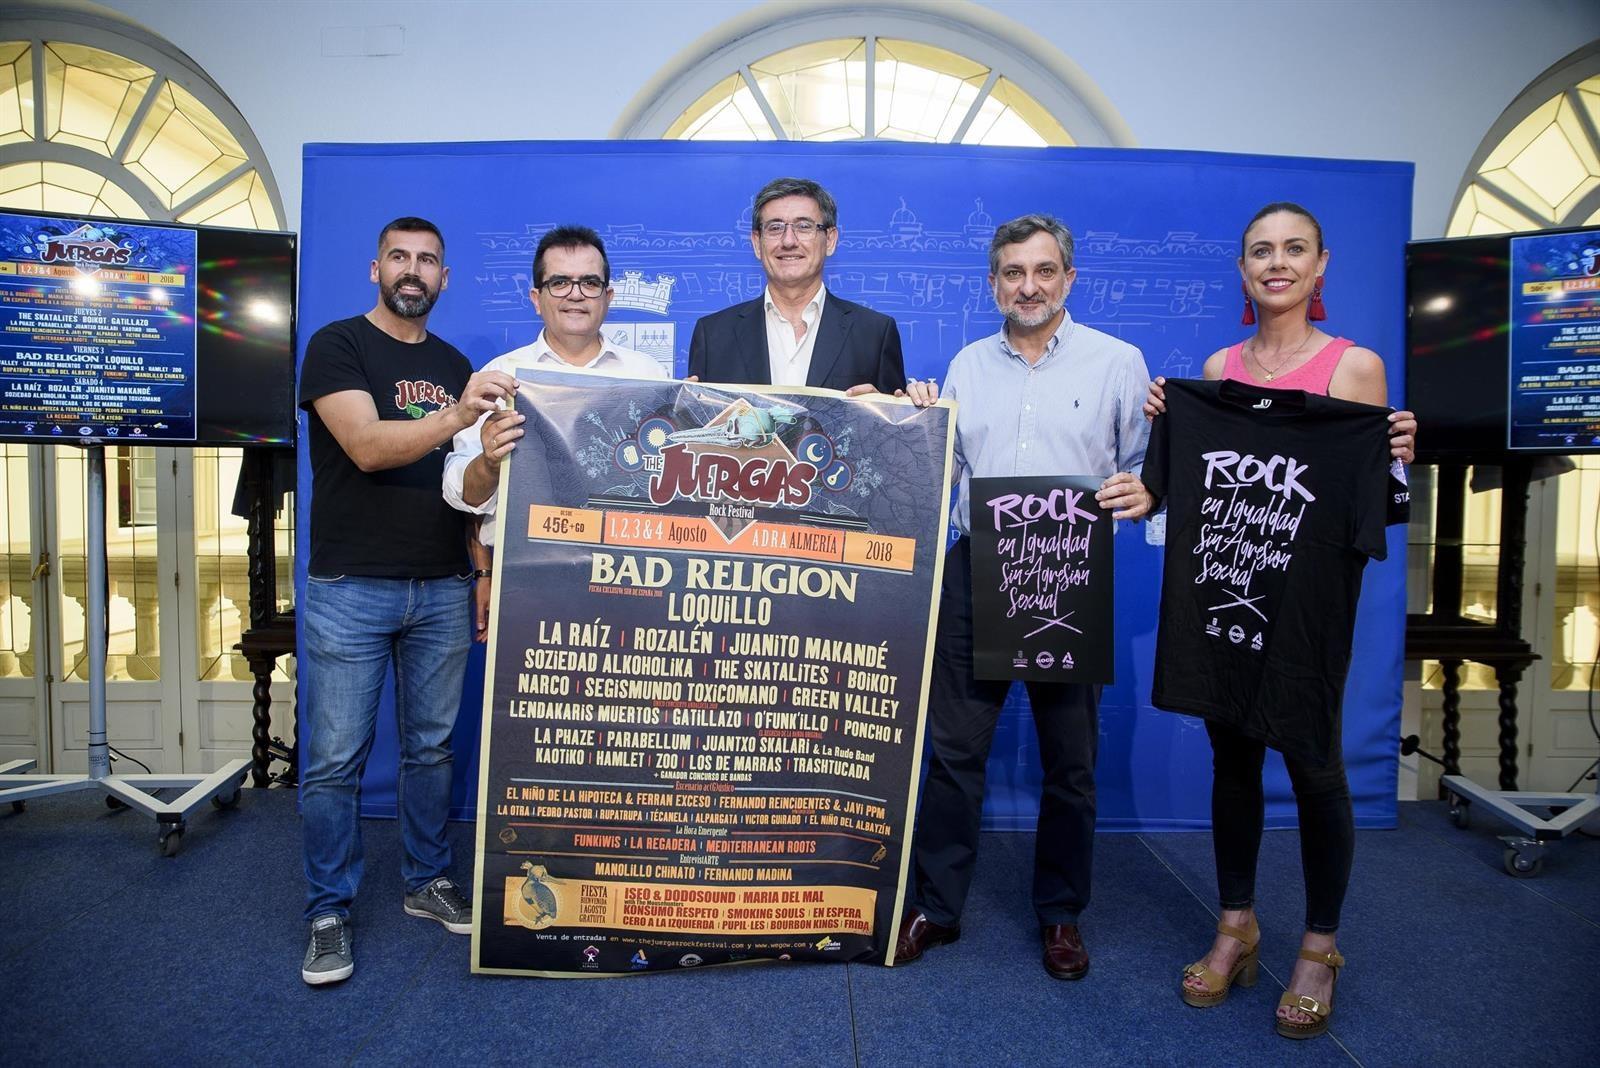 El 'Juergas Rock' luchará contra las agresiones sexuales durante todo el festival